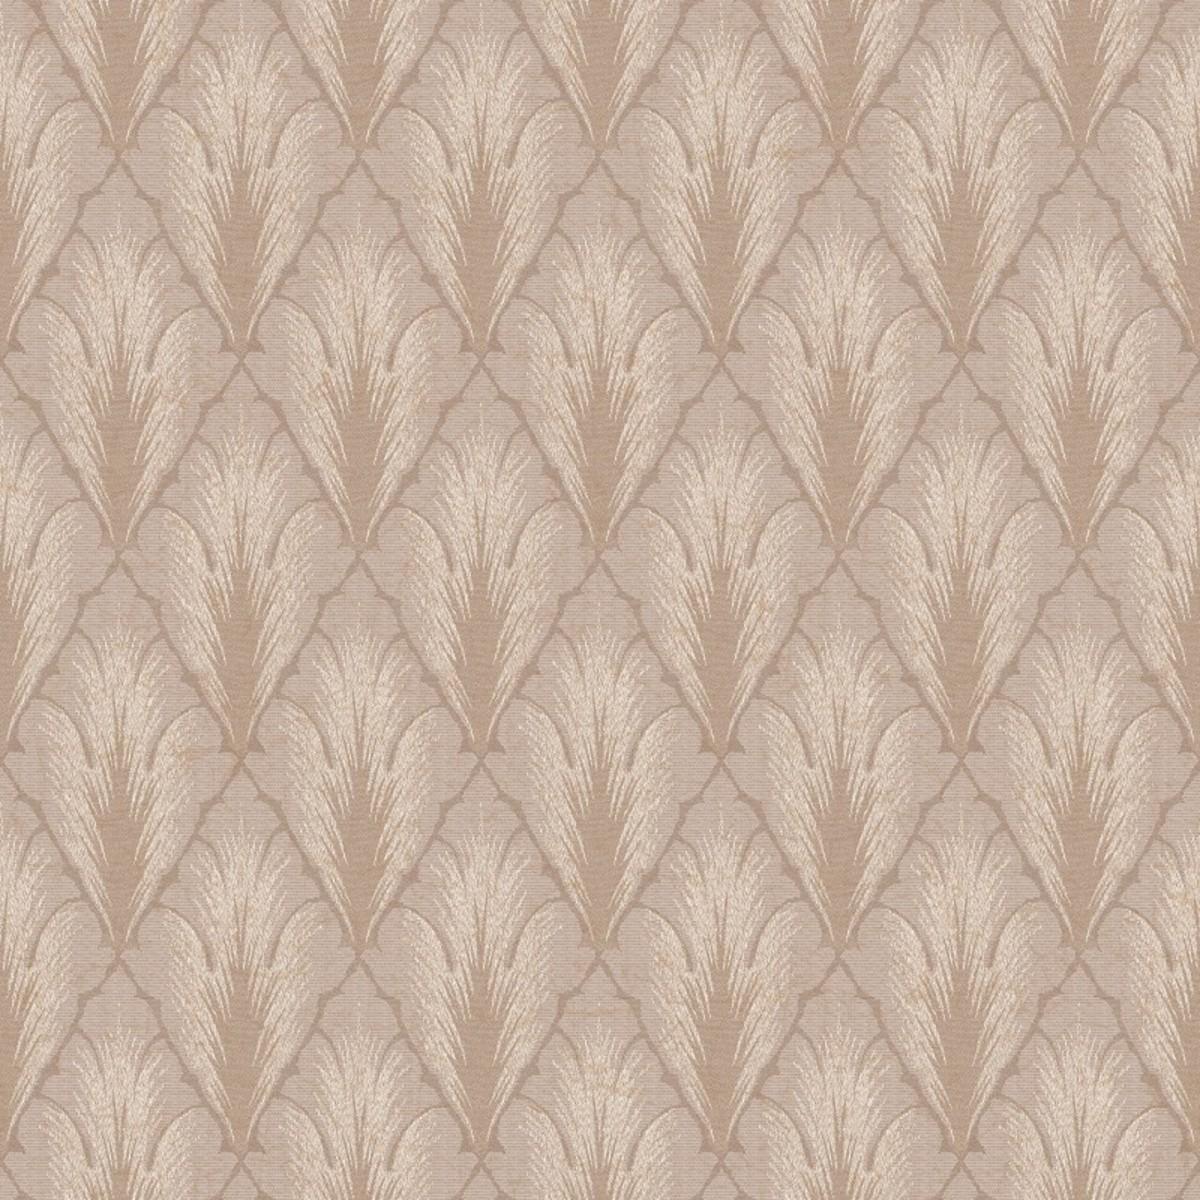 Виниловые обои York Wallcoverings серые CL0917 0.68 м